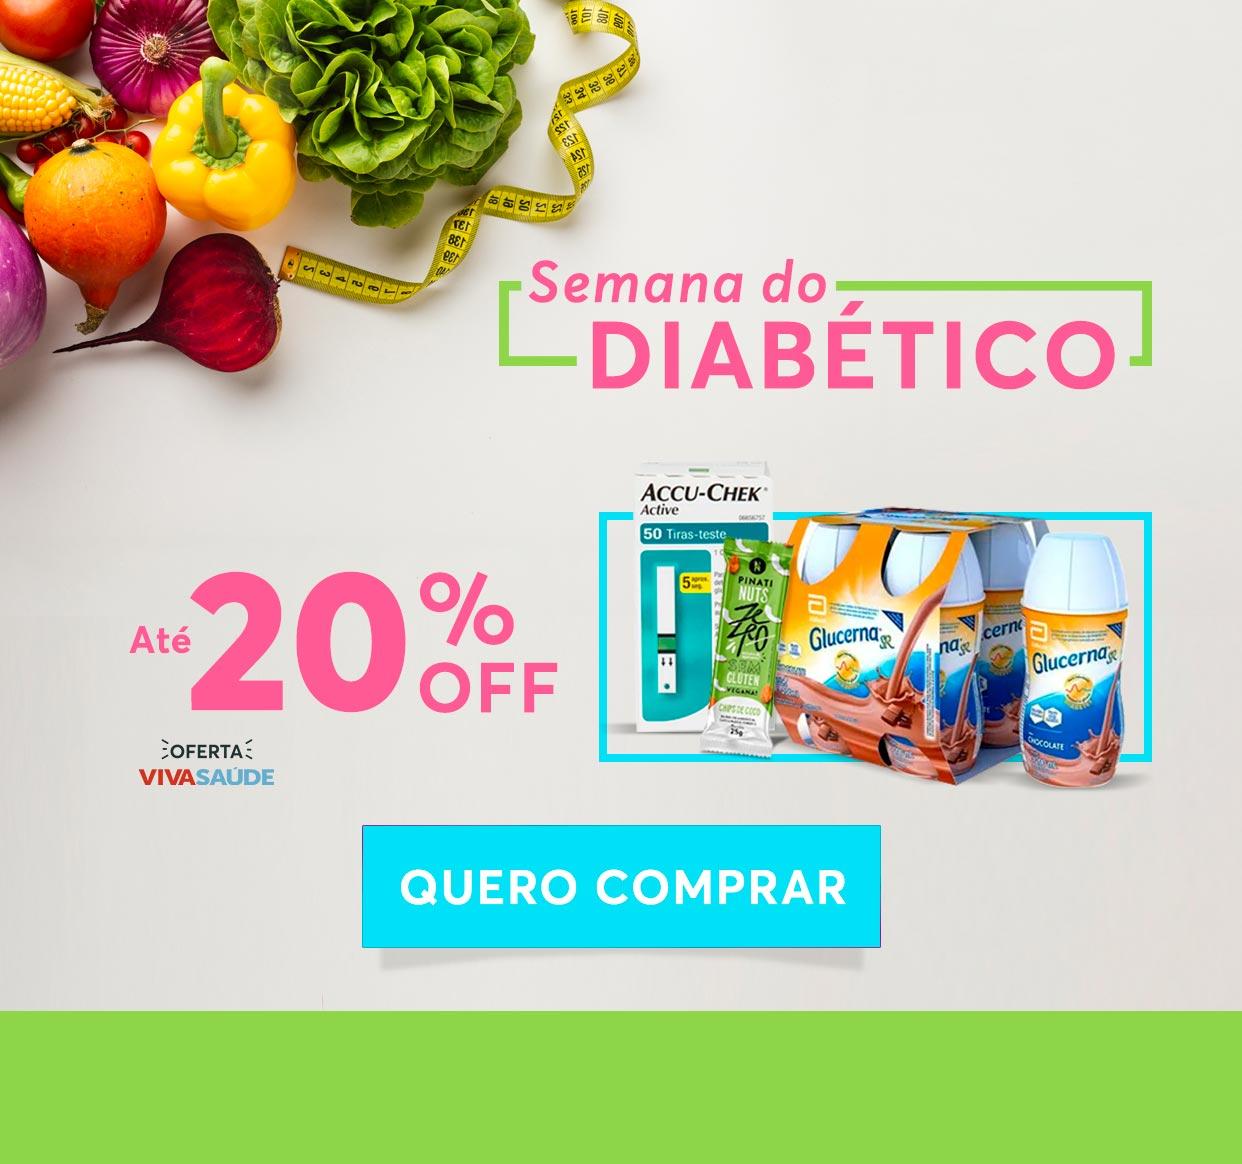 MOBILE Semana do Diabeticos